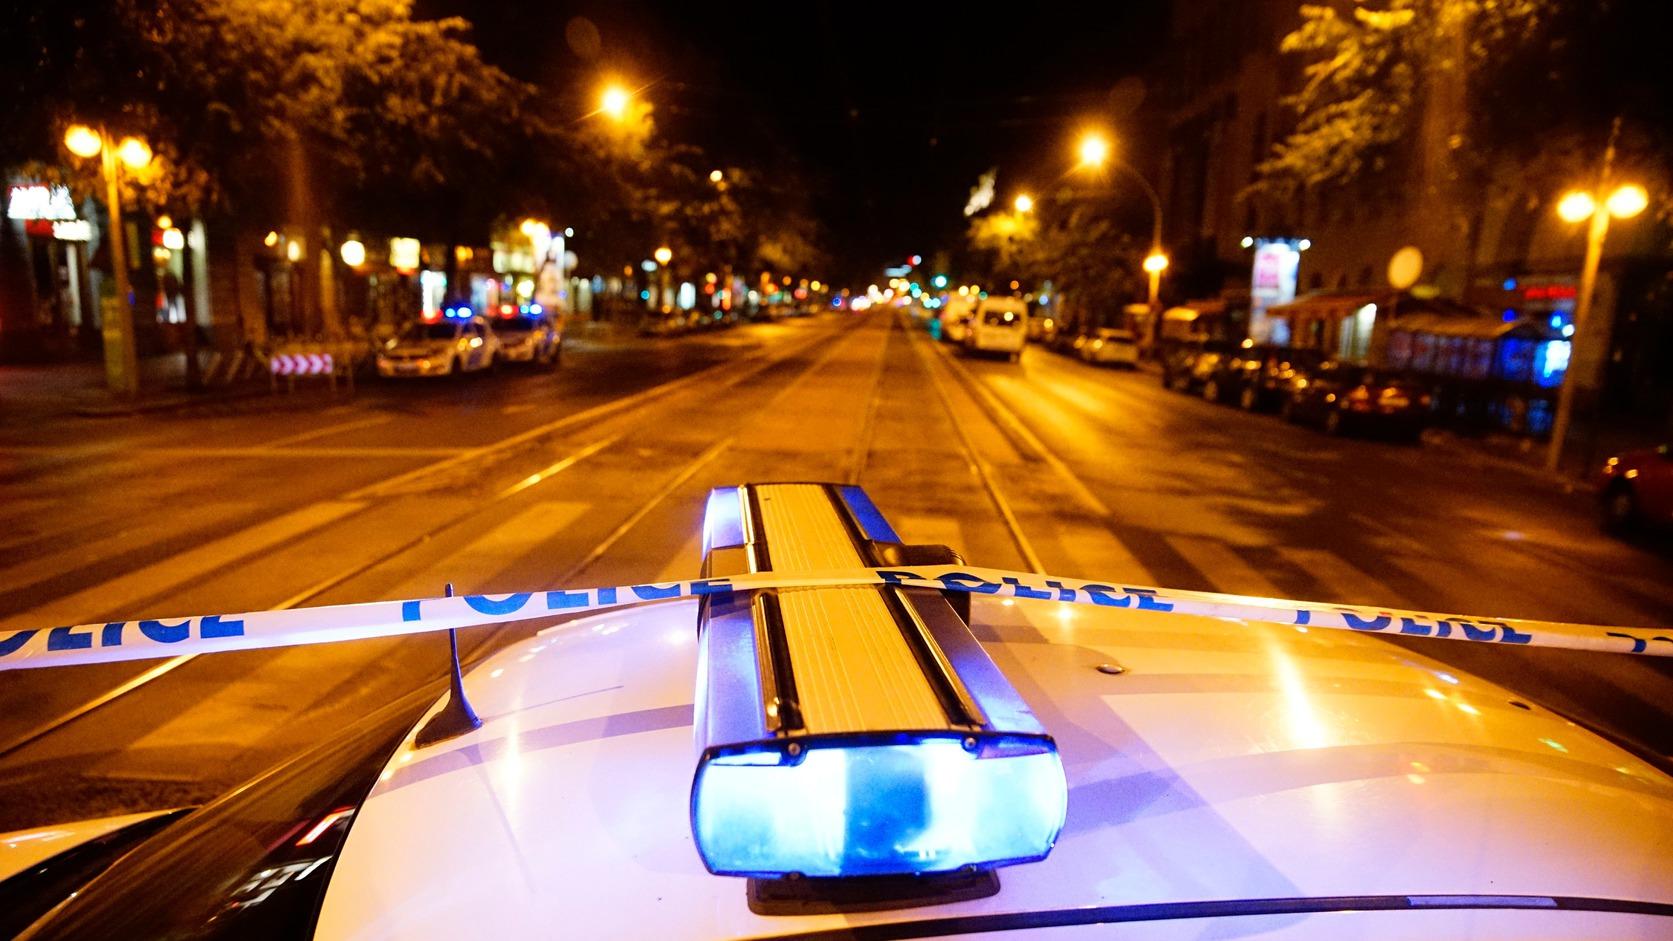 Budapest, 2016. szeptember 25. Rendőri kordon 2016. szeptember 25-én a fővárosi Király utca és a Teréz körút kereszteződéséhez közel, ahol ismeretlen eredetű robbanás történt 24-én késő este az egyik földszinti üzlethelyiségben. Az elsődleges információk szerint két ember megsérült, a mentők kórházba szállították őket. A rendőrség körbezárta a környéket, vizsgálják a robbanás körülményeit. MTI Fotó: Balogh Zoltán